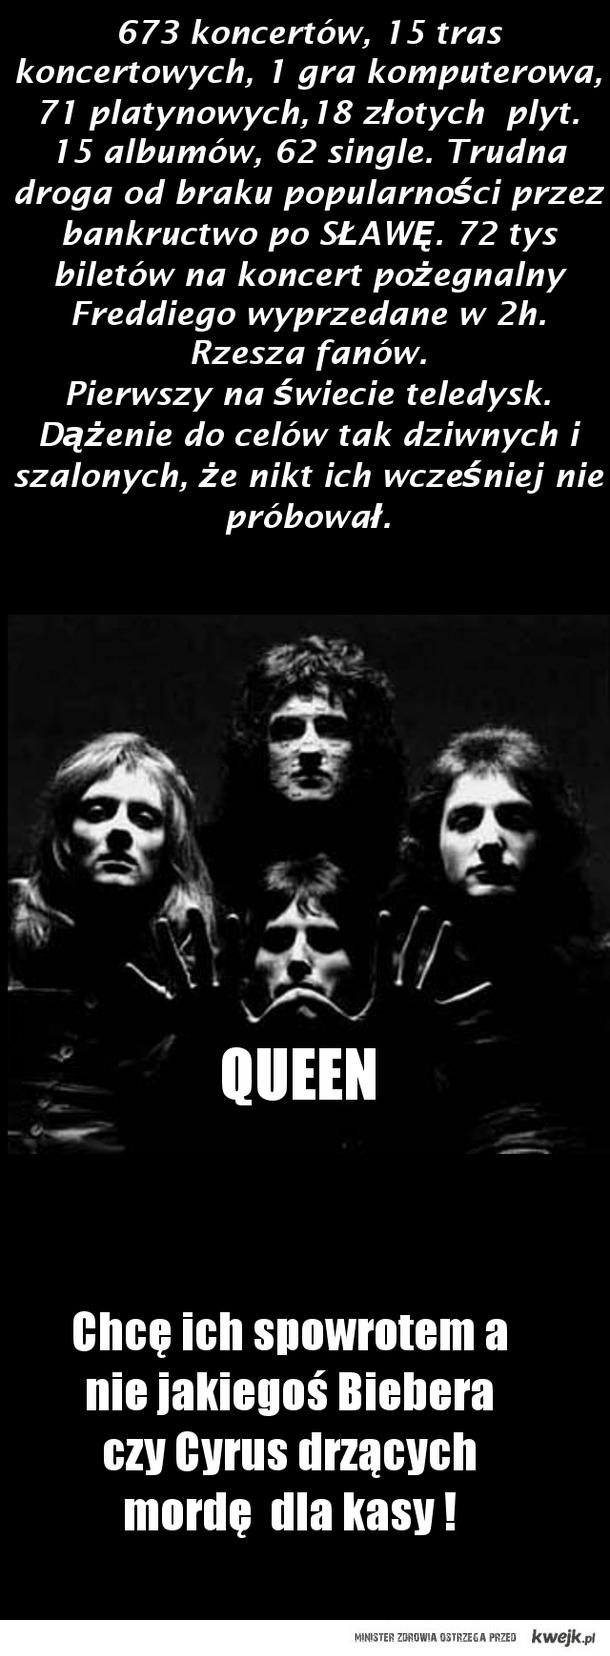 Queen a nie jakieś disneye -_-